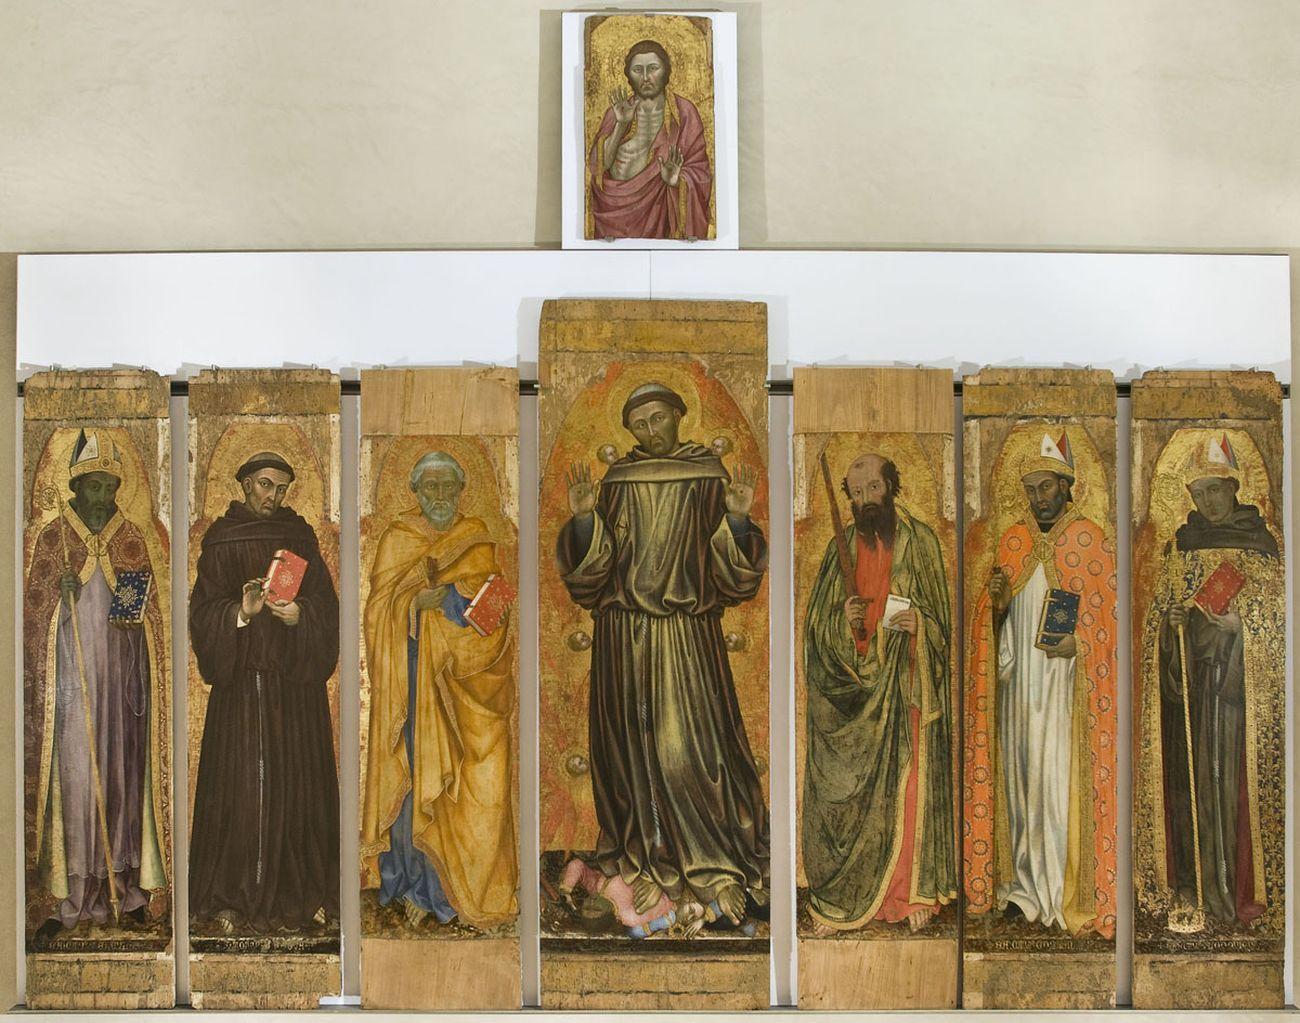 Taddeo di Bartolo, Polittico bifacciale di San Francesco al Prato, 1403. Galleria Nazionale dell'Umbria, Perugia